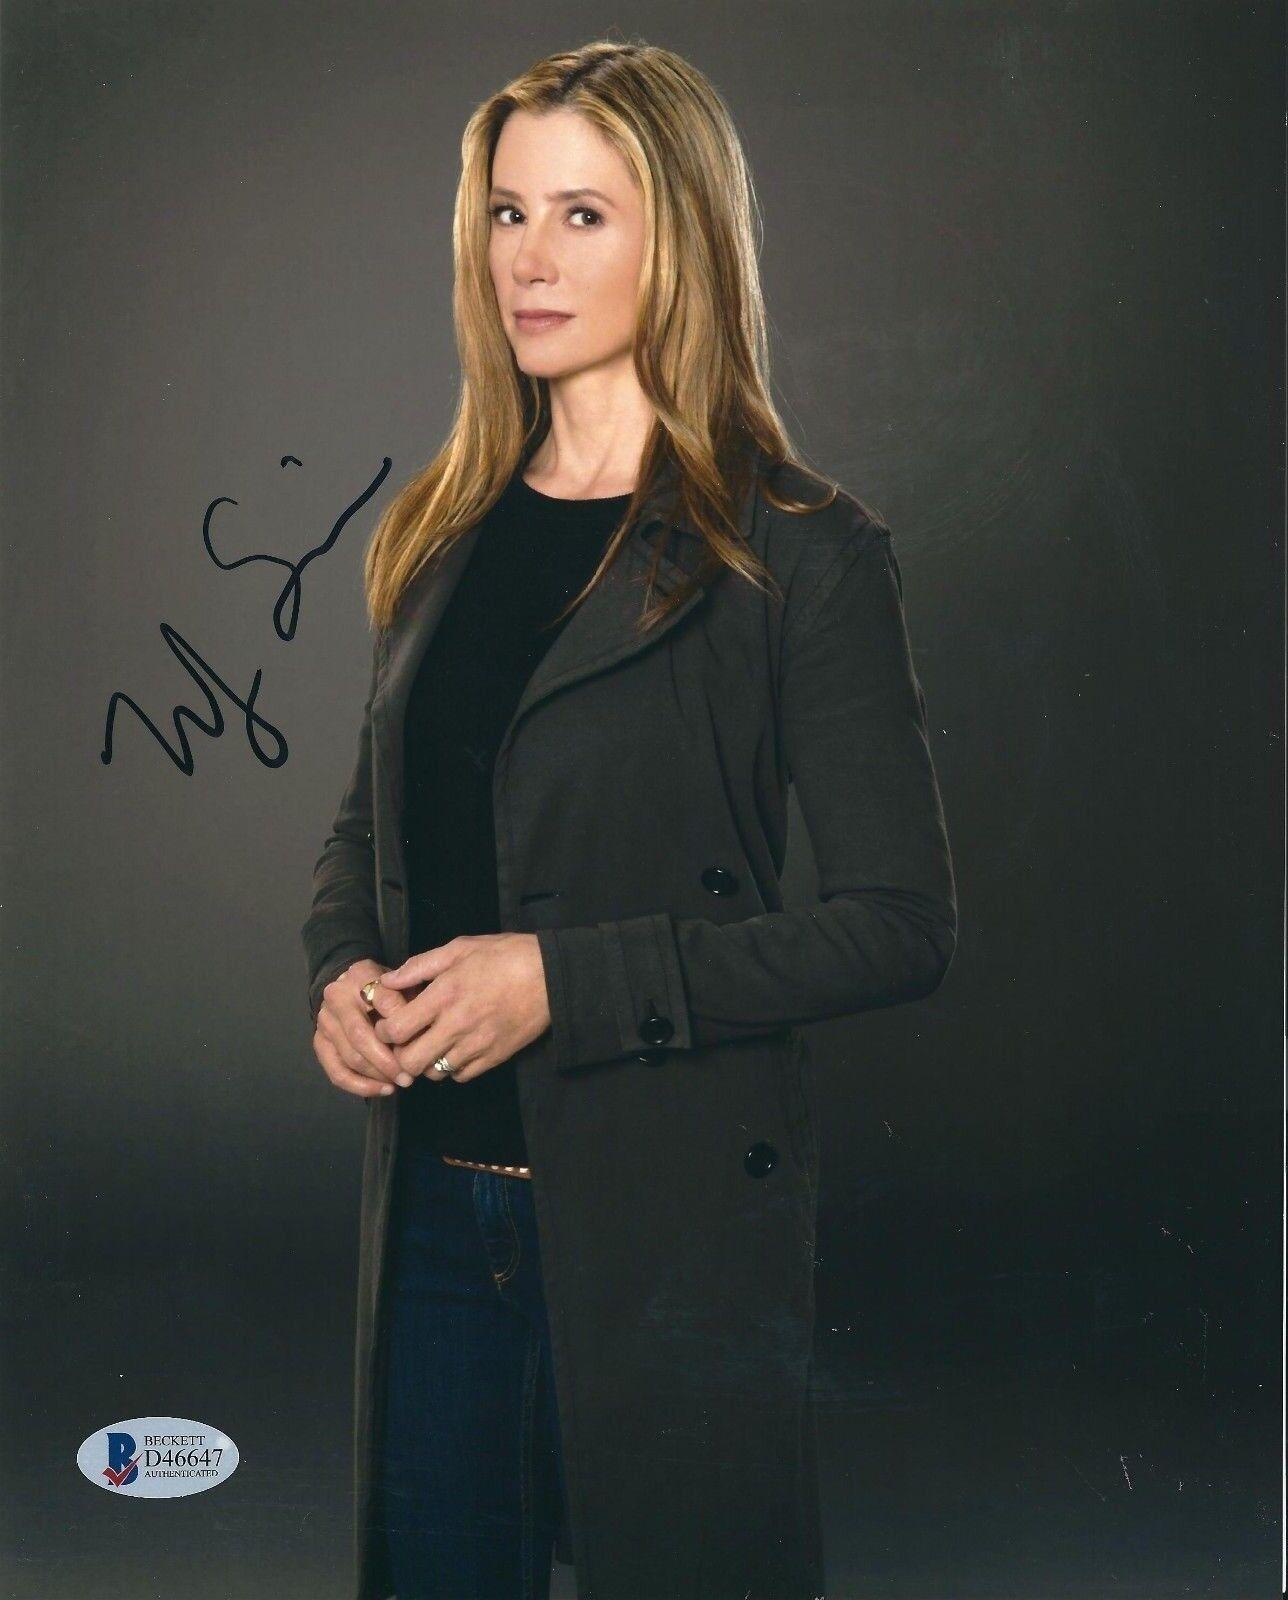 Mira Sorvino Signed 8x10 Photo *Mimic *The Final Cut BAS Beckett D46647